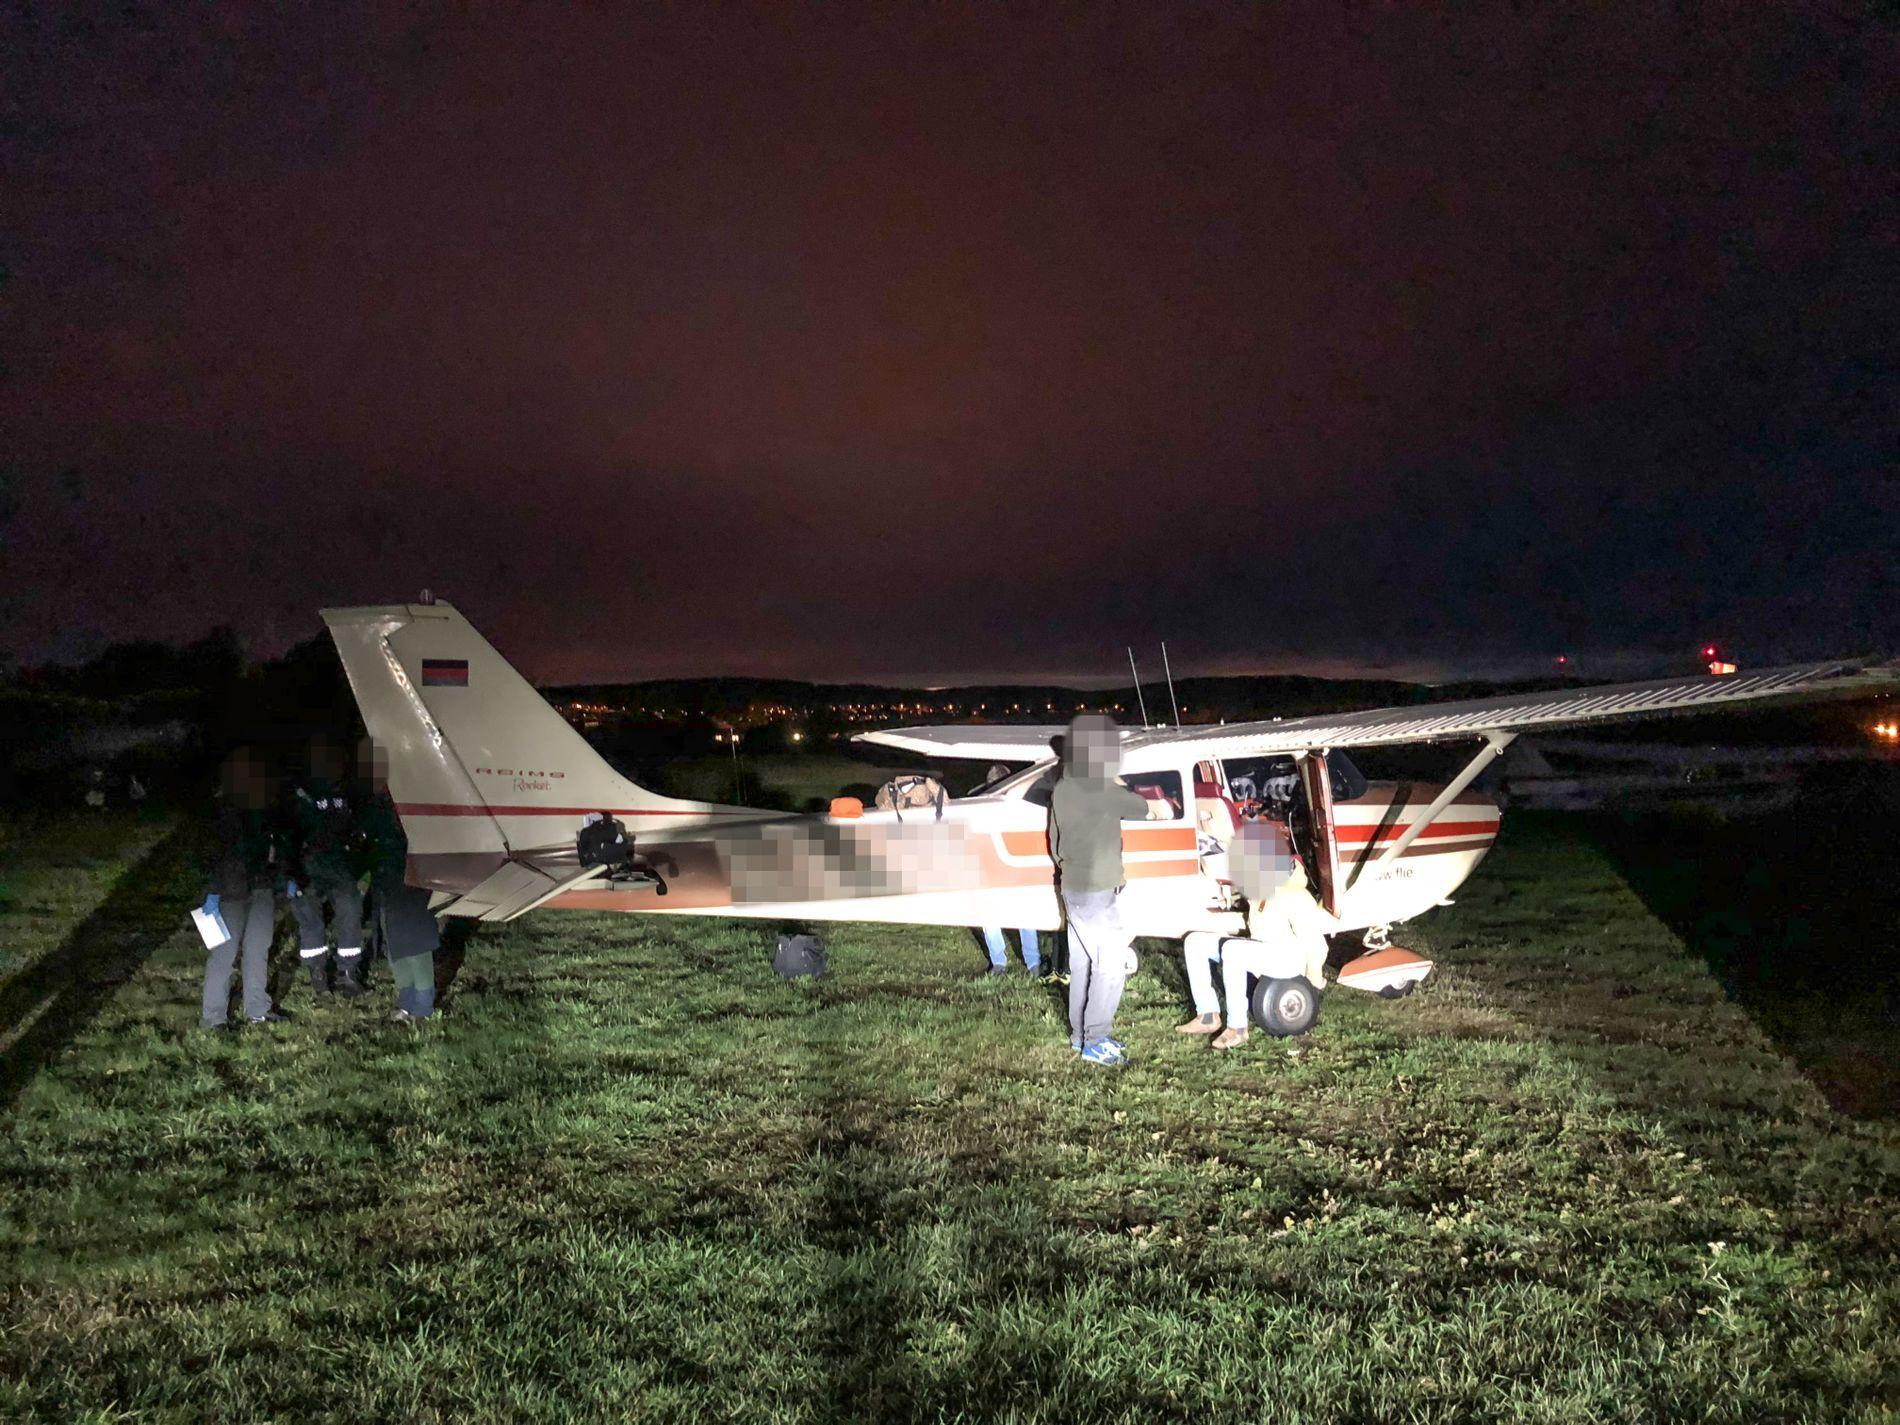 HASJ OG PILLER: Tre personer ble pågrepet da dette flyet landet på Kjeller flyplass mandag kveld.